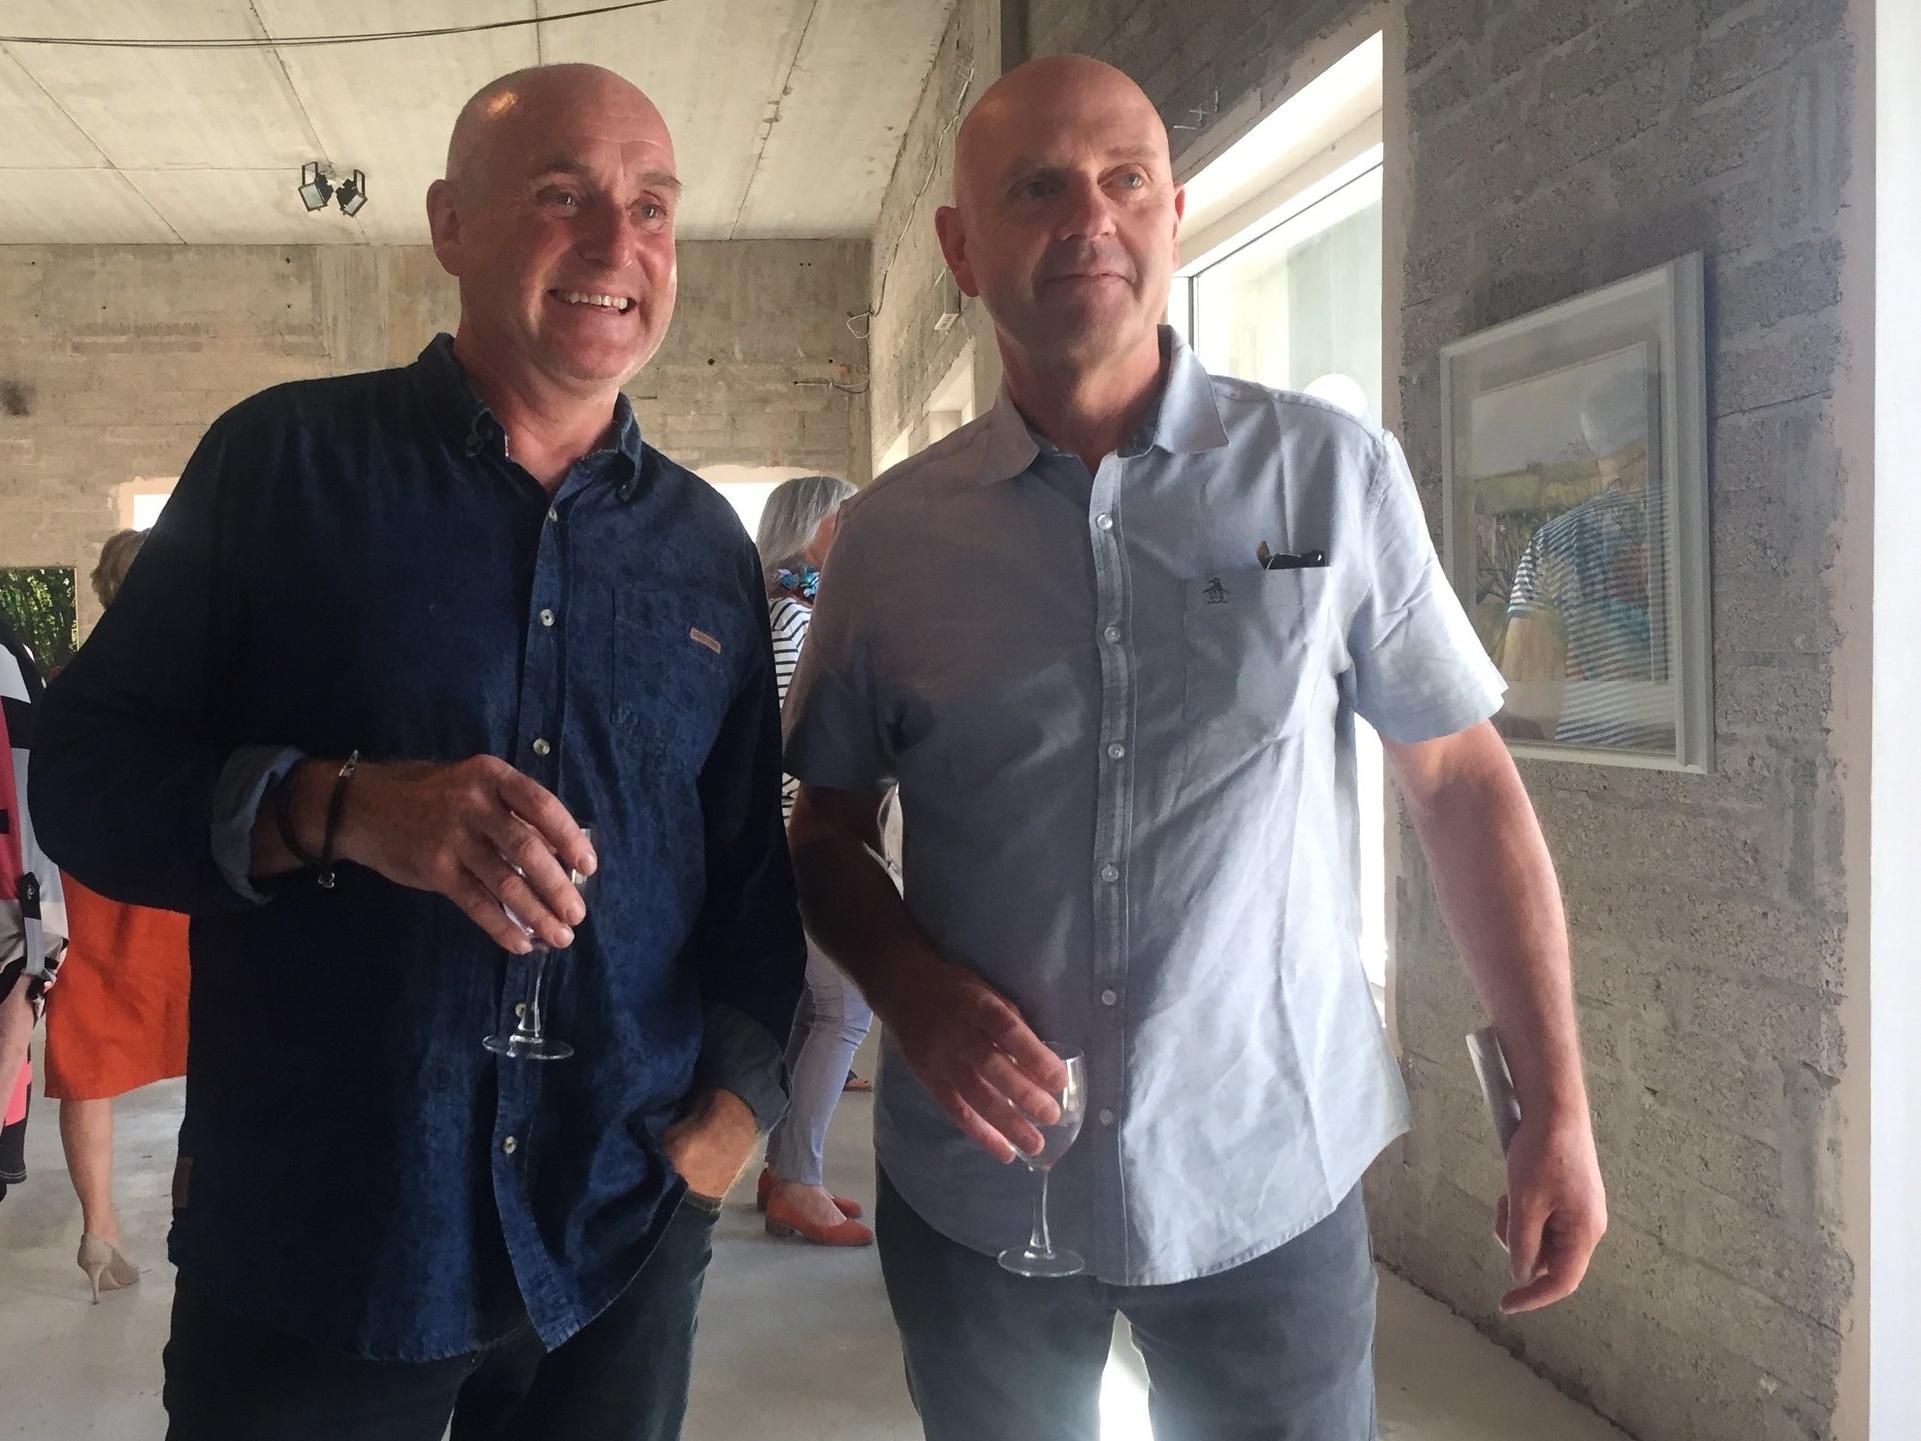 Donagh Carey with Donald Tesky